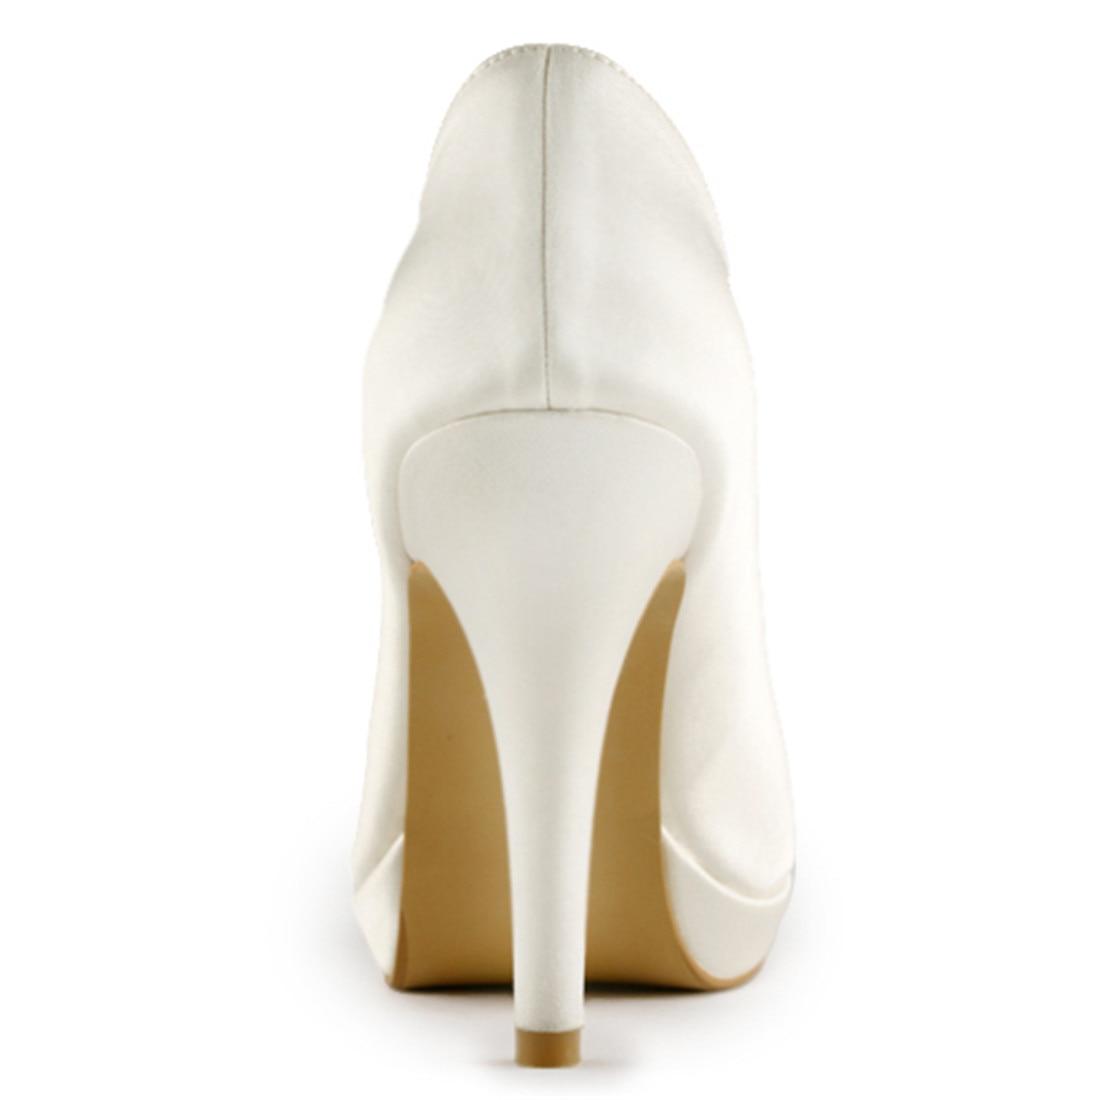 Elegantes Saltos Altos Finos Plataforma Bombas de Noiva de Cetim de Luxo Nupcial Da Dama de Honra Do Marfim Branco Champanhe Sapatos Uninnova 521 1 LY - 6